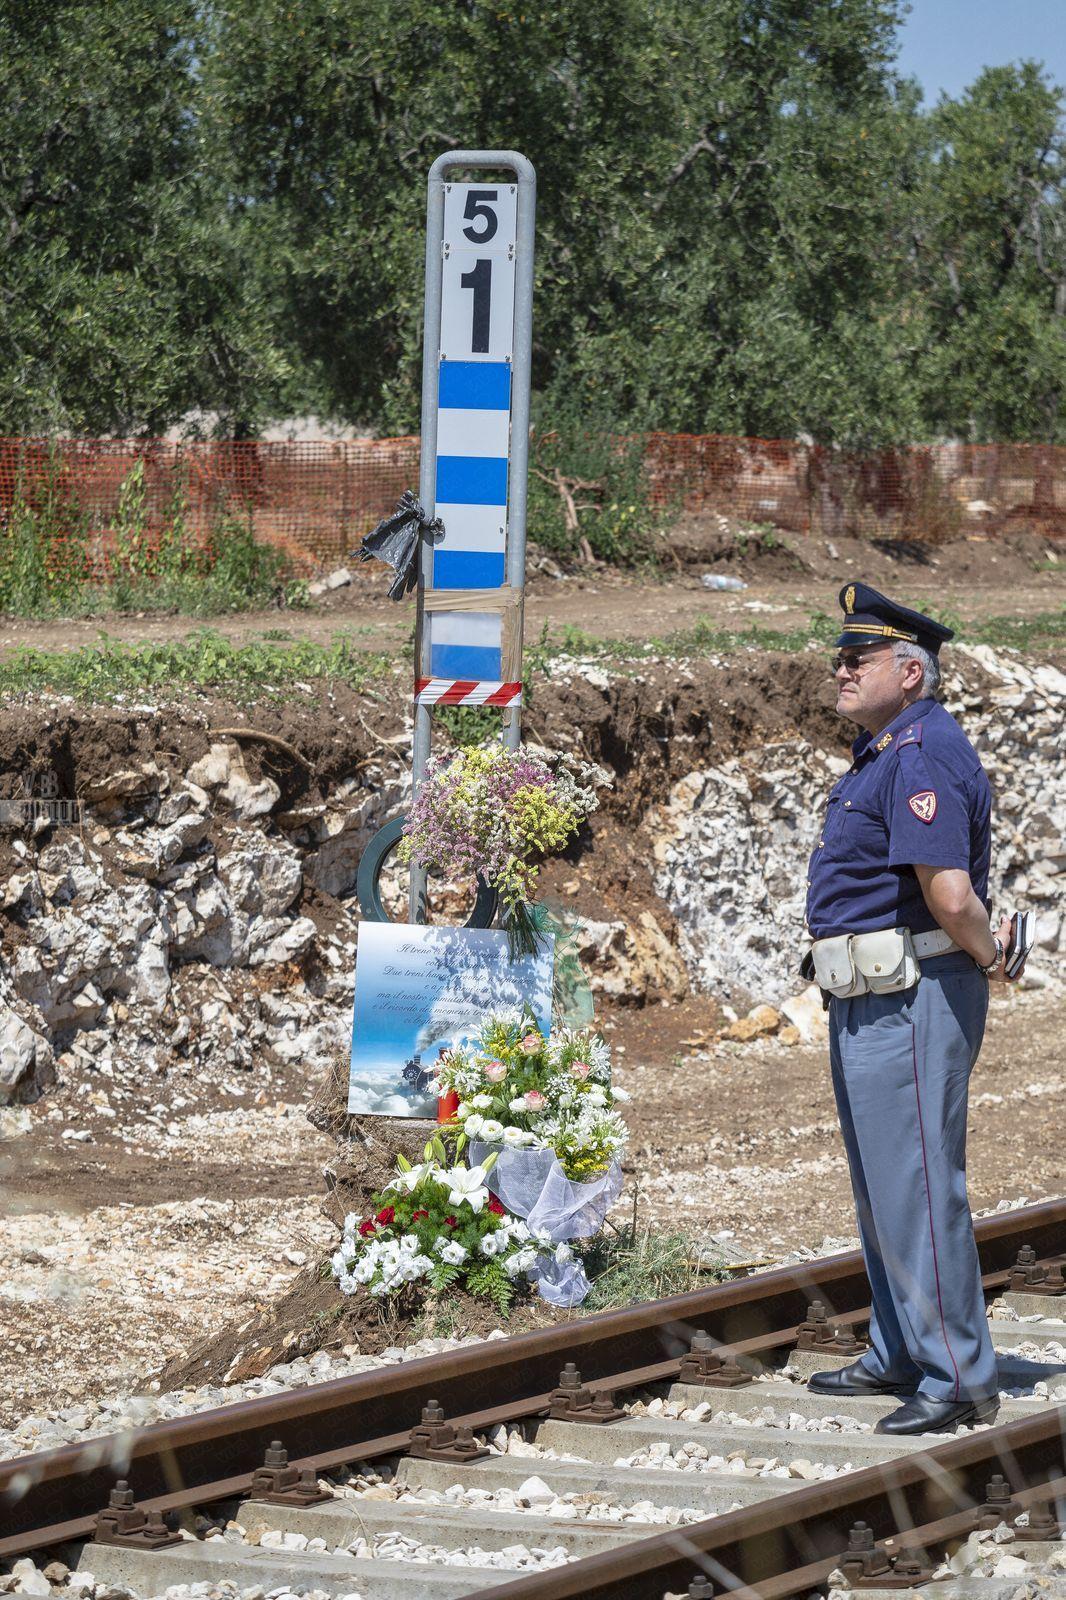 Ministro Toninelli sul luogo del disastro ferroviario nella tratta Corato-Andria